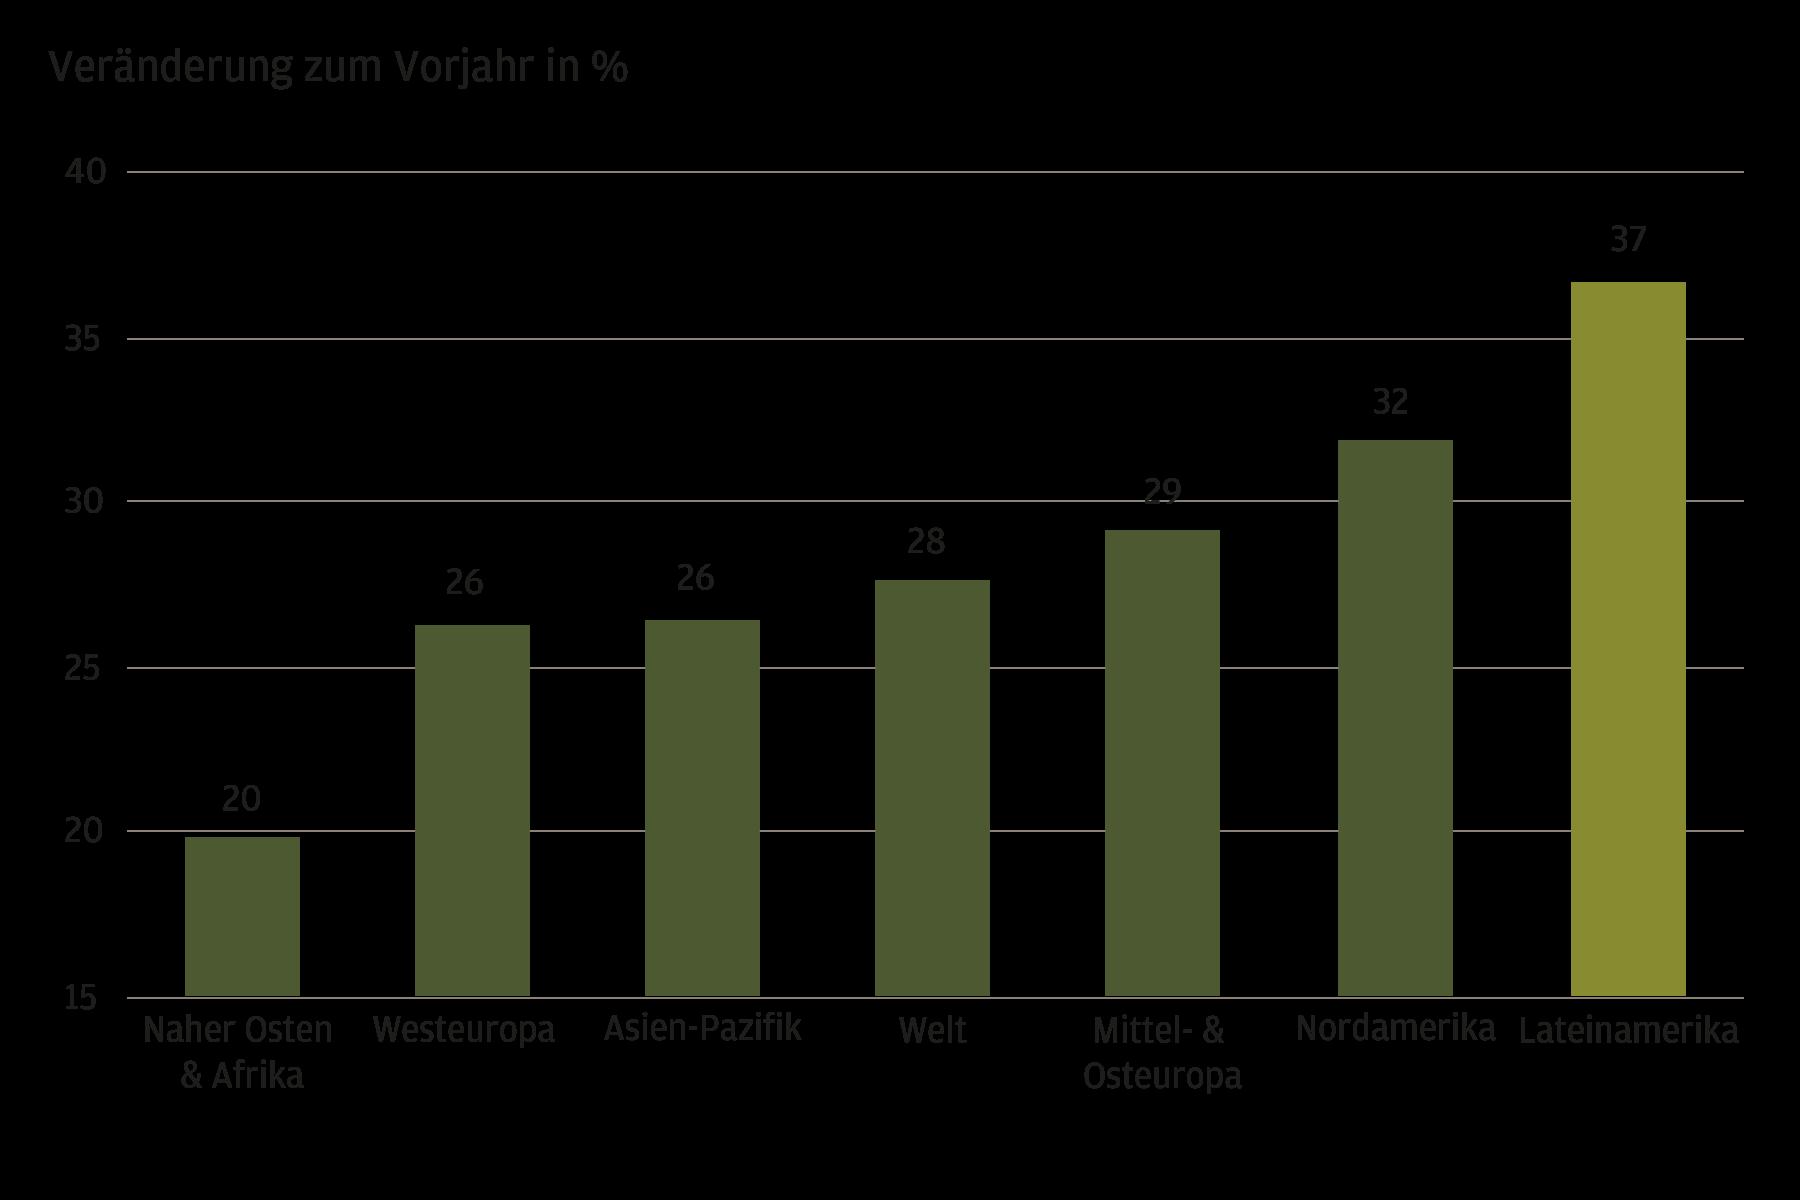 Diese Grafik zeigt die 2020 verzeichnete prozentuale Veränderung der E-Commerce-Umsätze im Vergleich zum Vorjahr nach Regionen in Nahost und Afrika, Westeuropa, Asien-Pazifik, weltweit, Mittel- und Osteuropa, Nordamerika sowie Lateinamerika. Lateinamerika weist mit einem Plus von 37 % das höchste Wachstum auf, gefolgt von Nordamerika mit 32 %. Mittel- und Osteuropa, die Welt insgesamt und der asiatisch-pazifische Raum verbuchten im Vergleich zu den anderen aufgeführten Regionen moderate Zuwachsraten. In Westeuropa sowie im Nahen Osten und in Afrika war das Wachstum mit 26 % bzw. 20 % am geringsten.